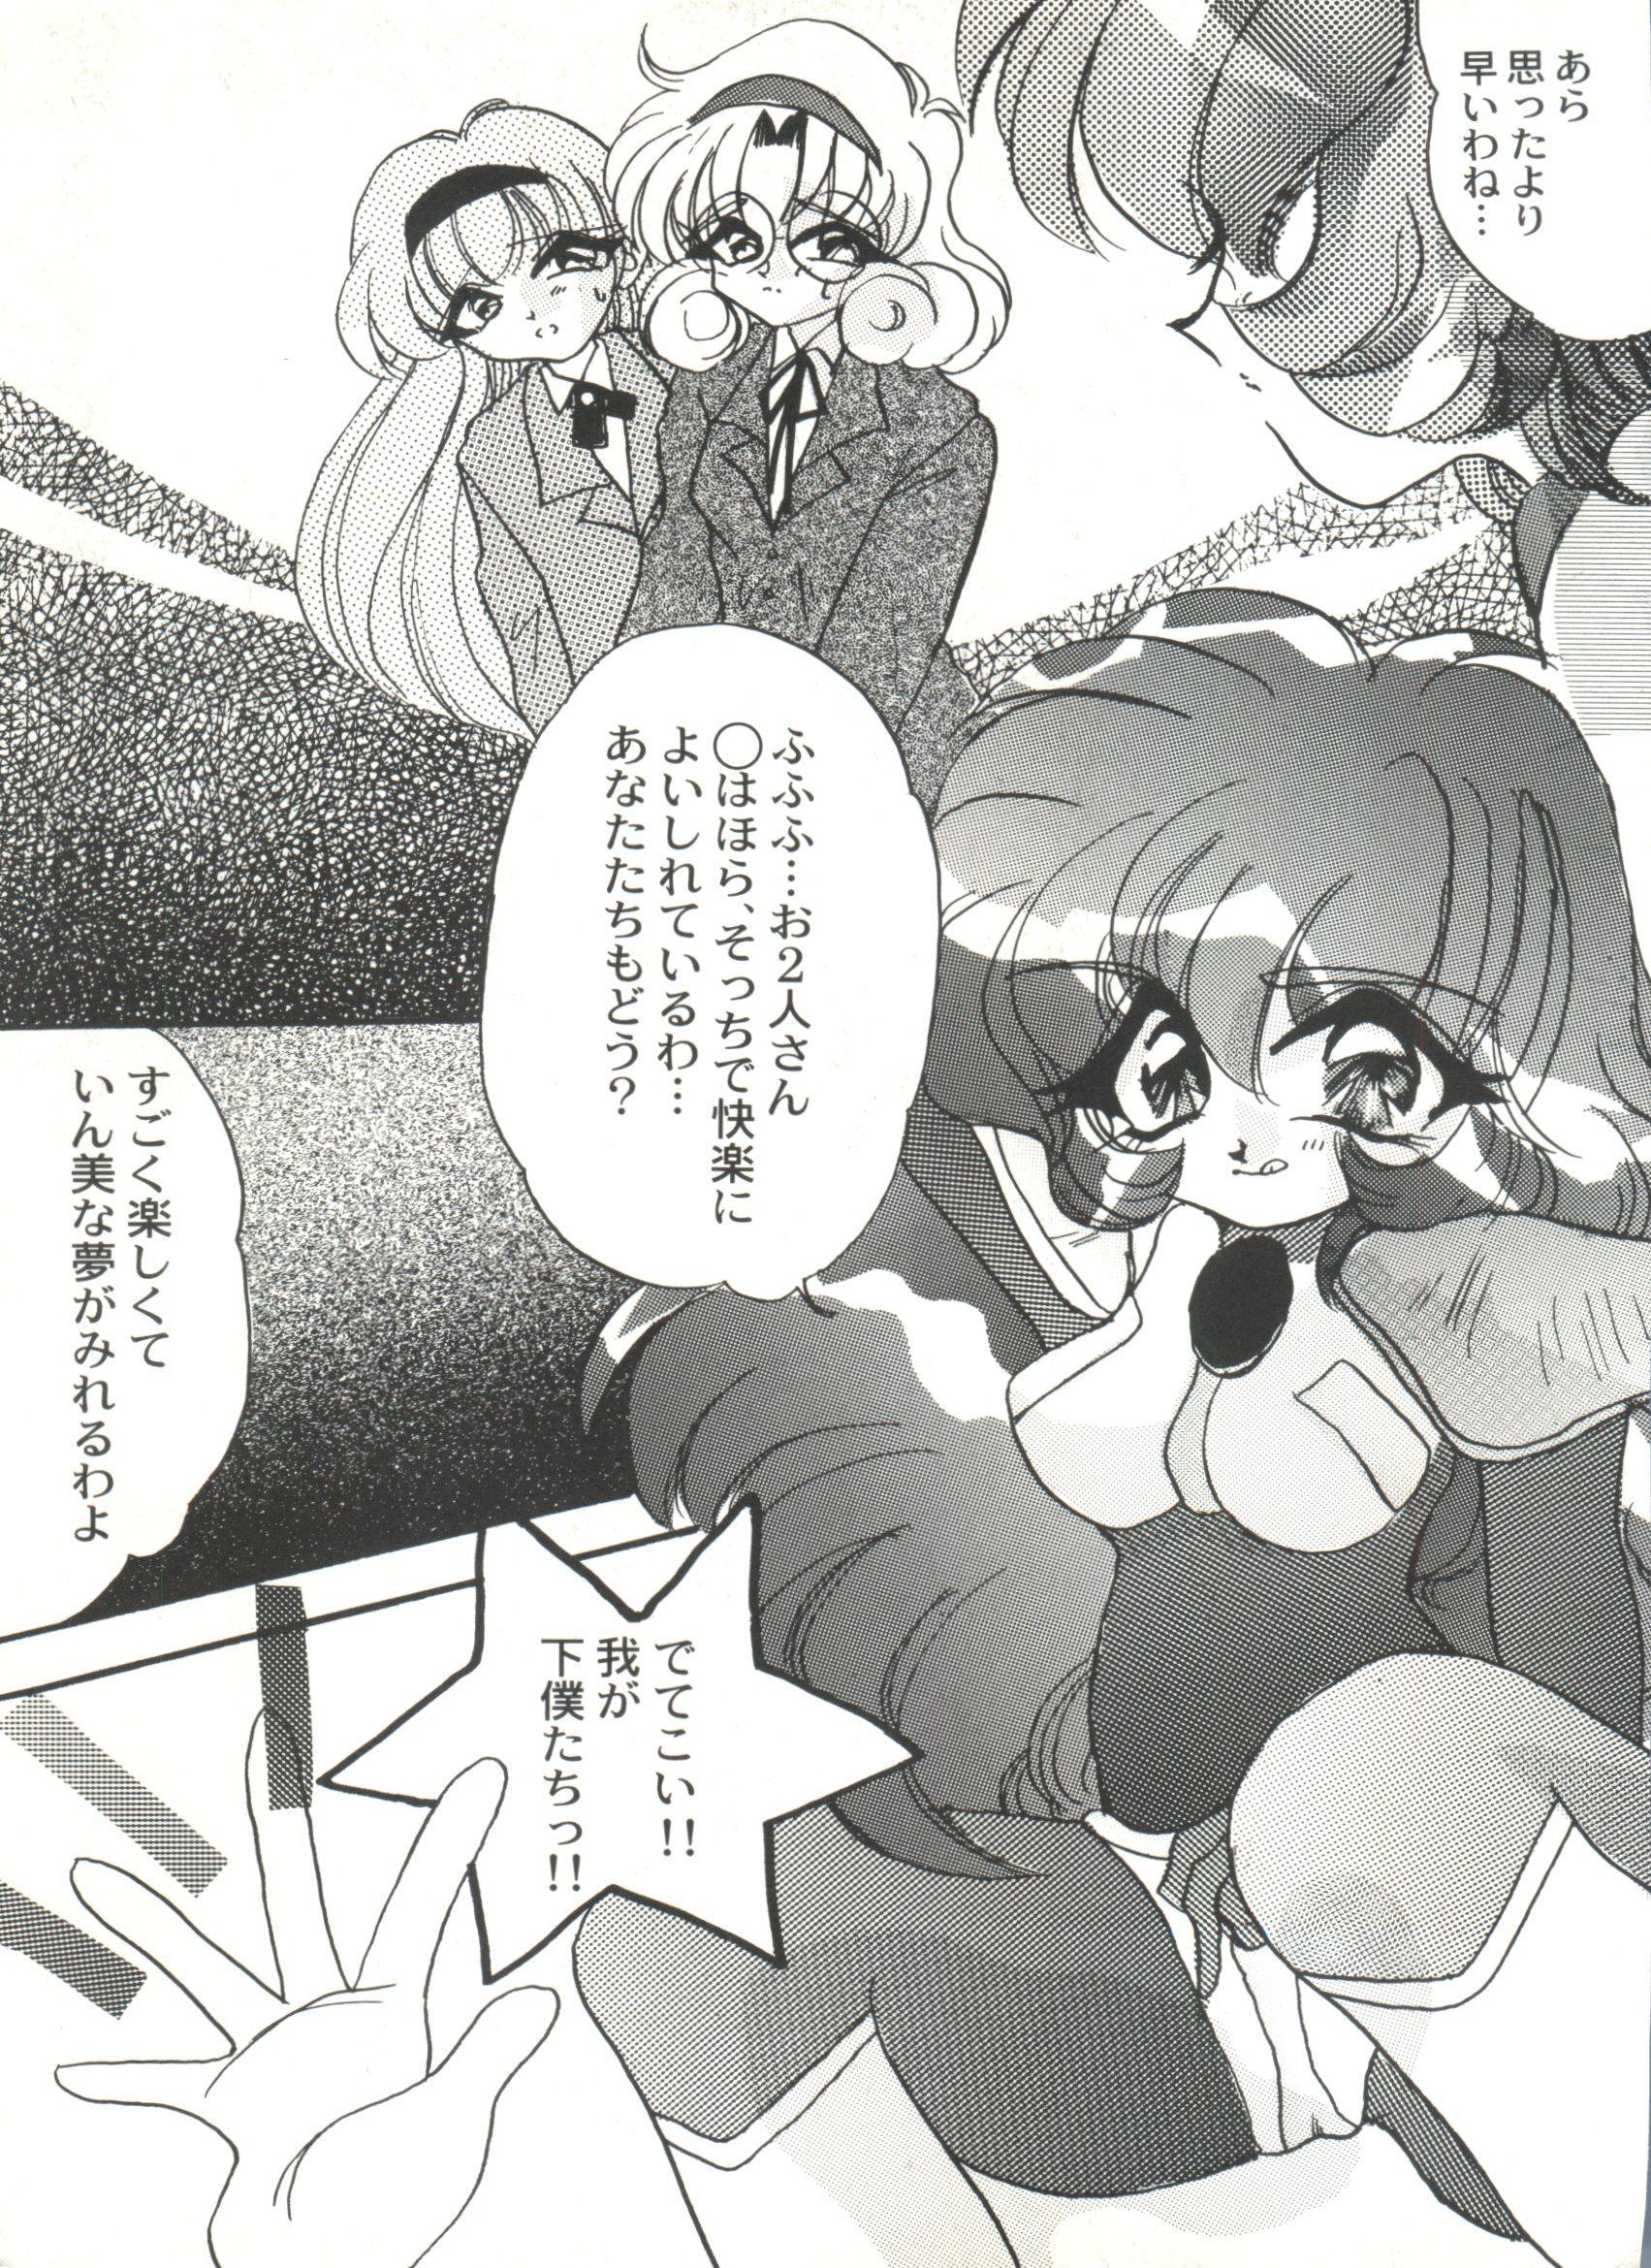 Bishoujo Doujinshi Anthology Cute 4 18